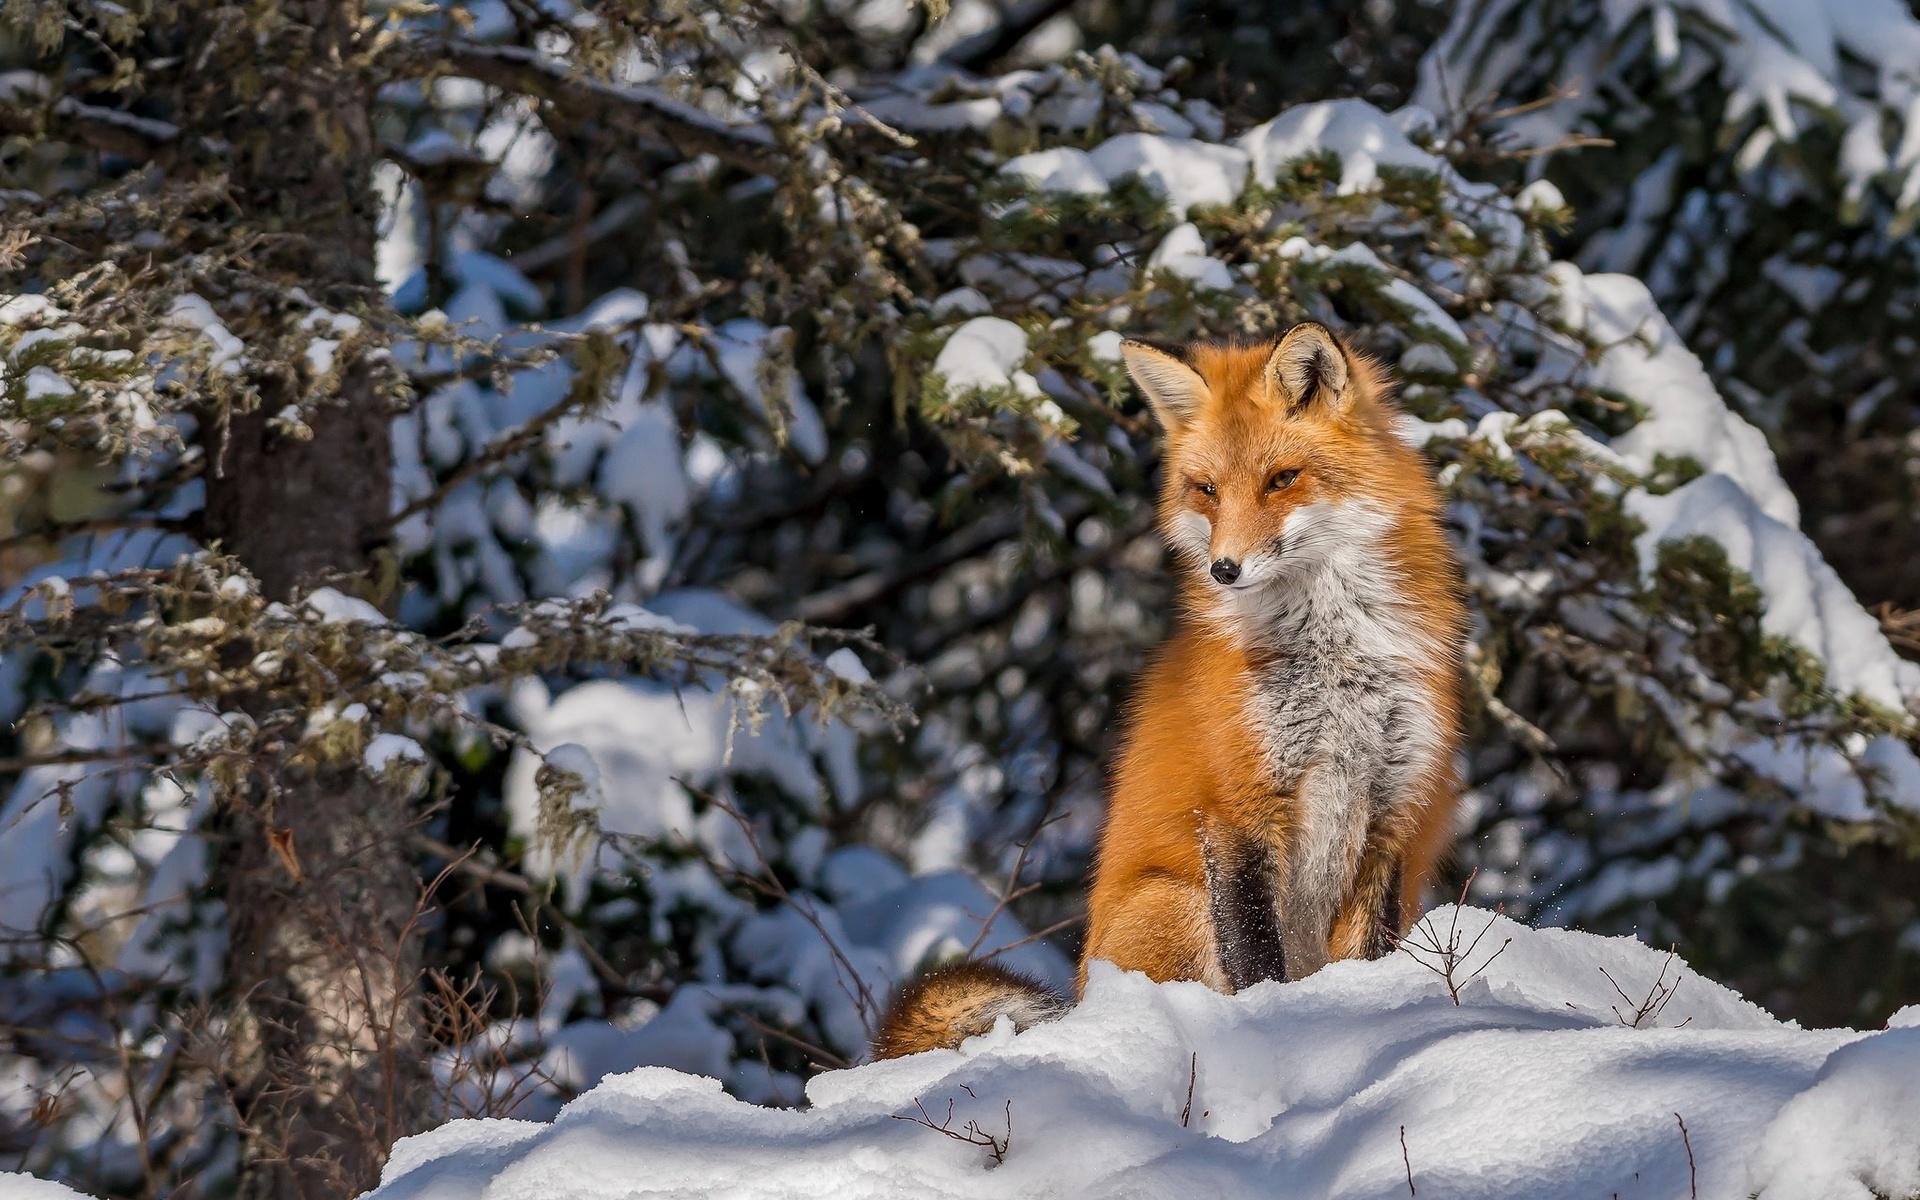 картинки животных в лесу зимой давно